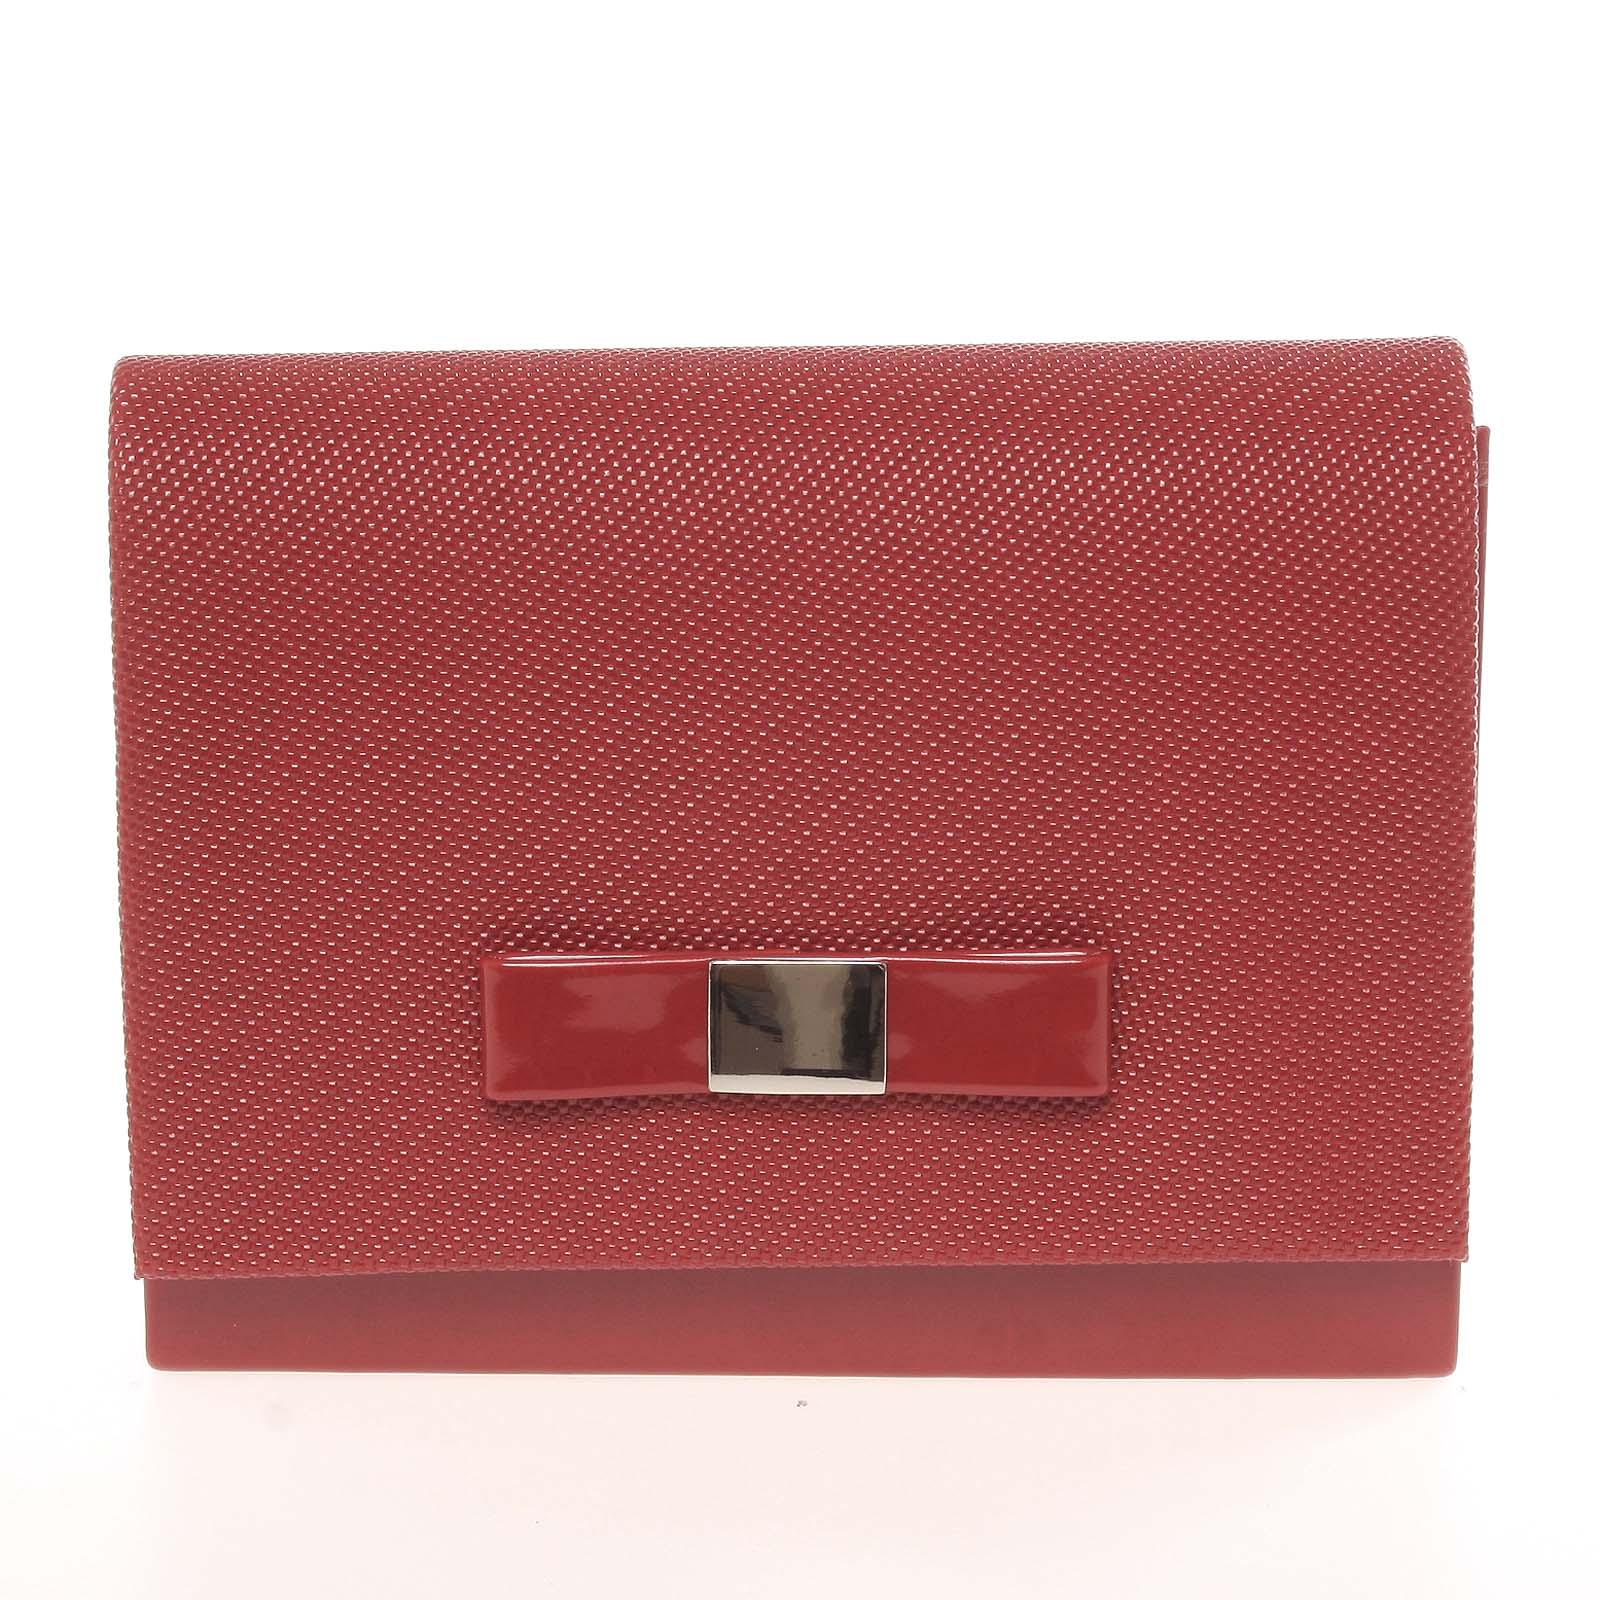 Luxusná dámska listová kabelka tmavočervená so vzorom lesklá - Delami Chicago Fresno